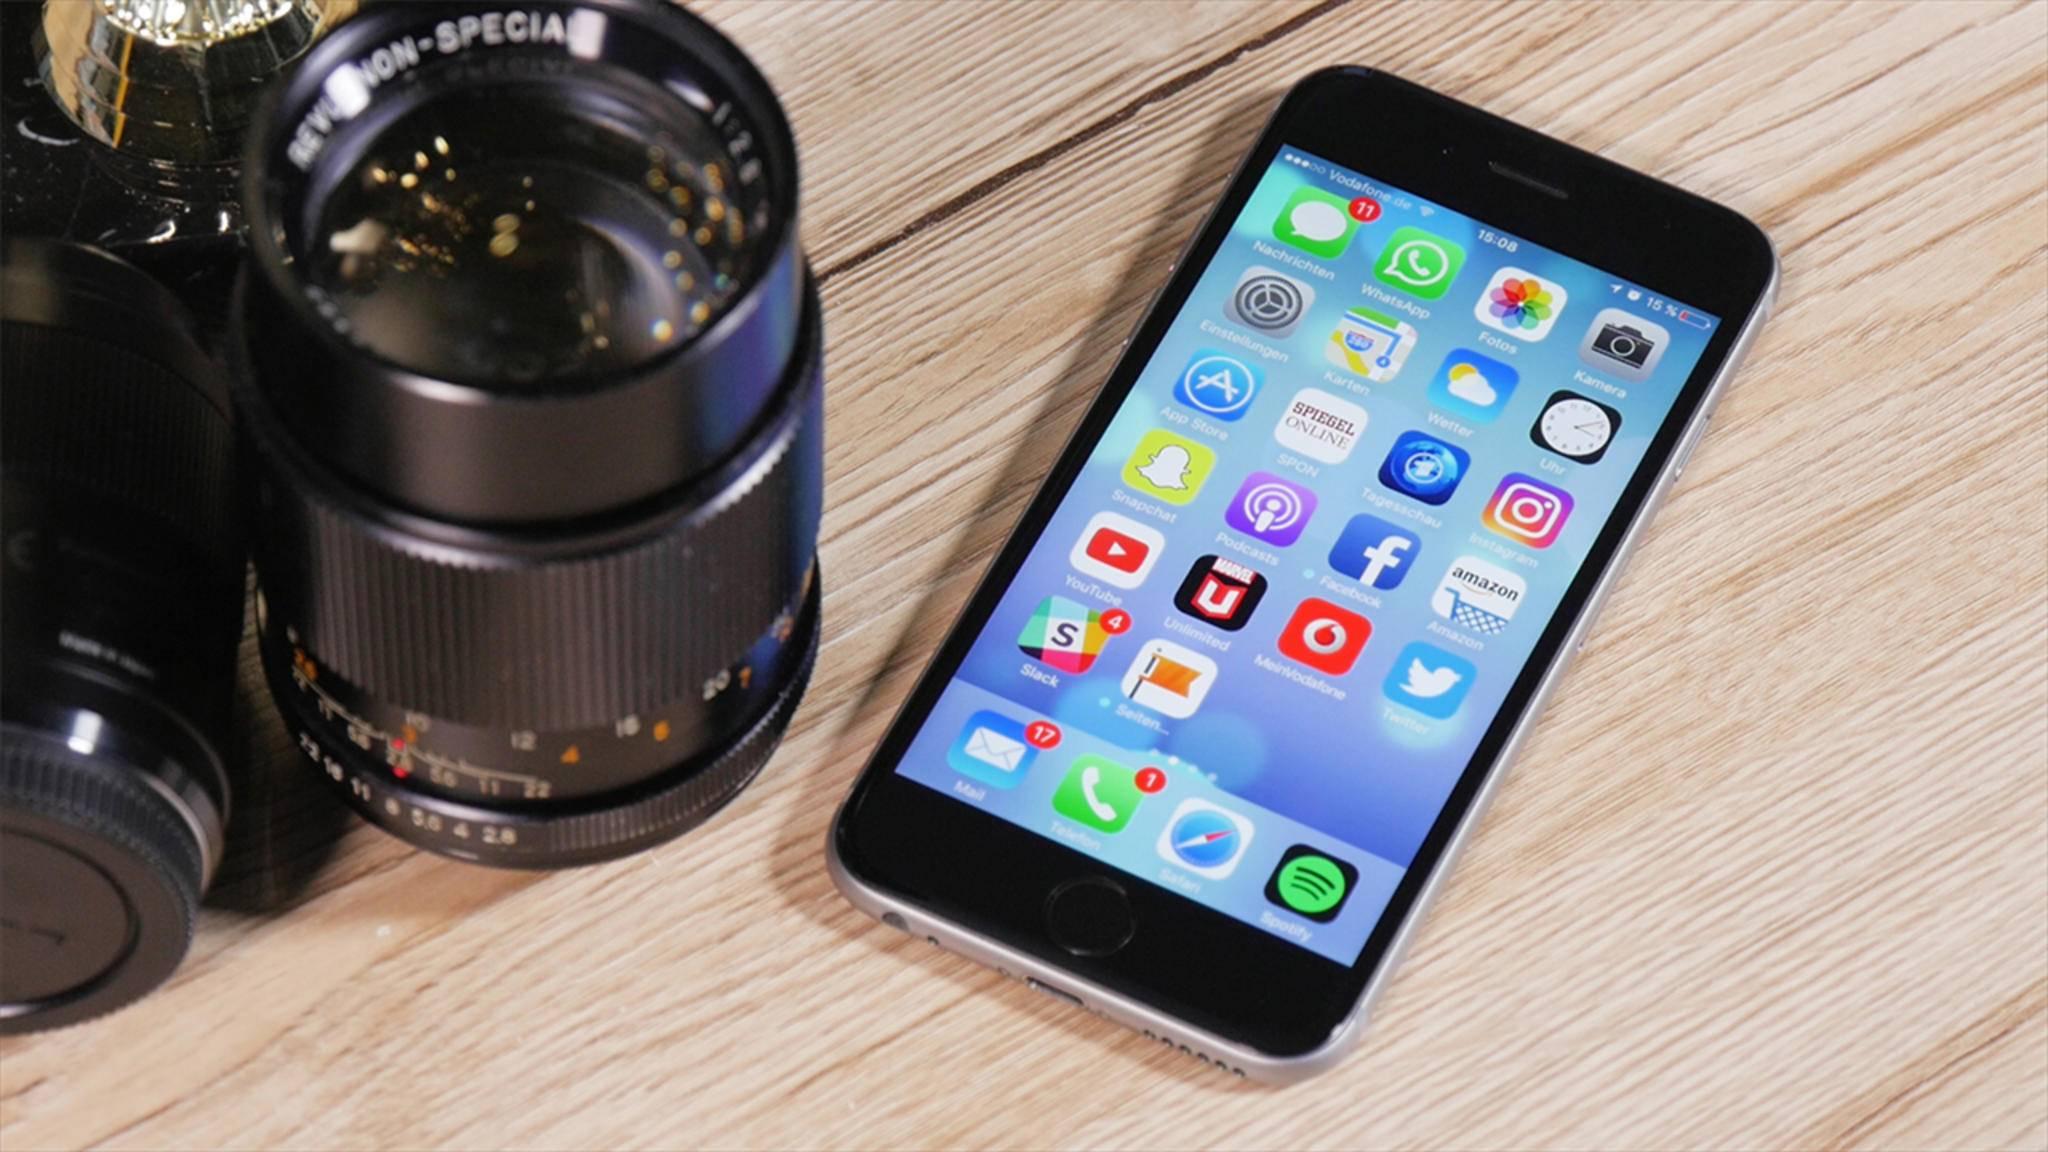 So nimmst Du RAW-Fotos mit dem iPhone 7 auf.